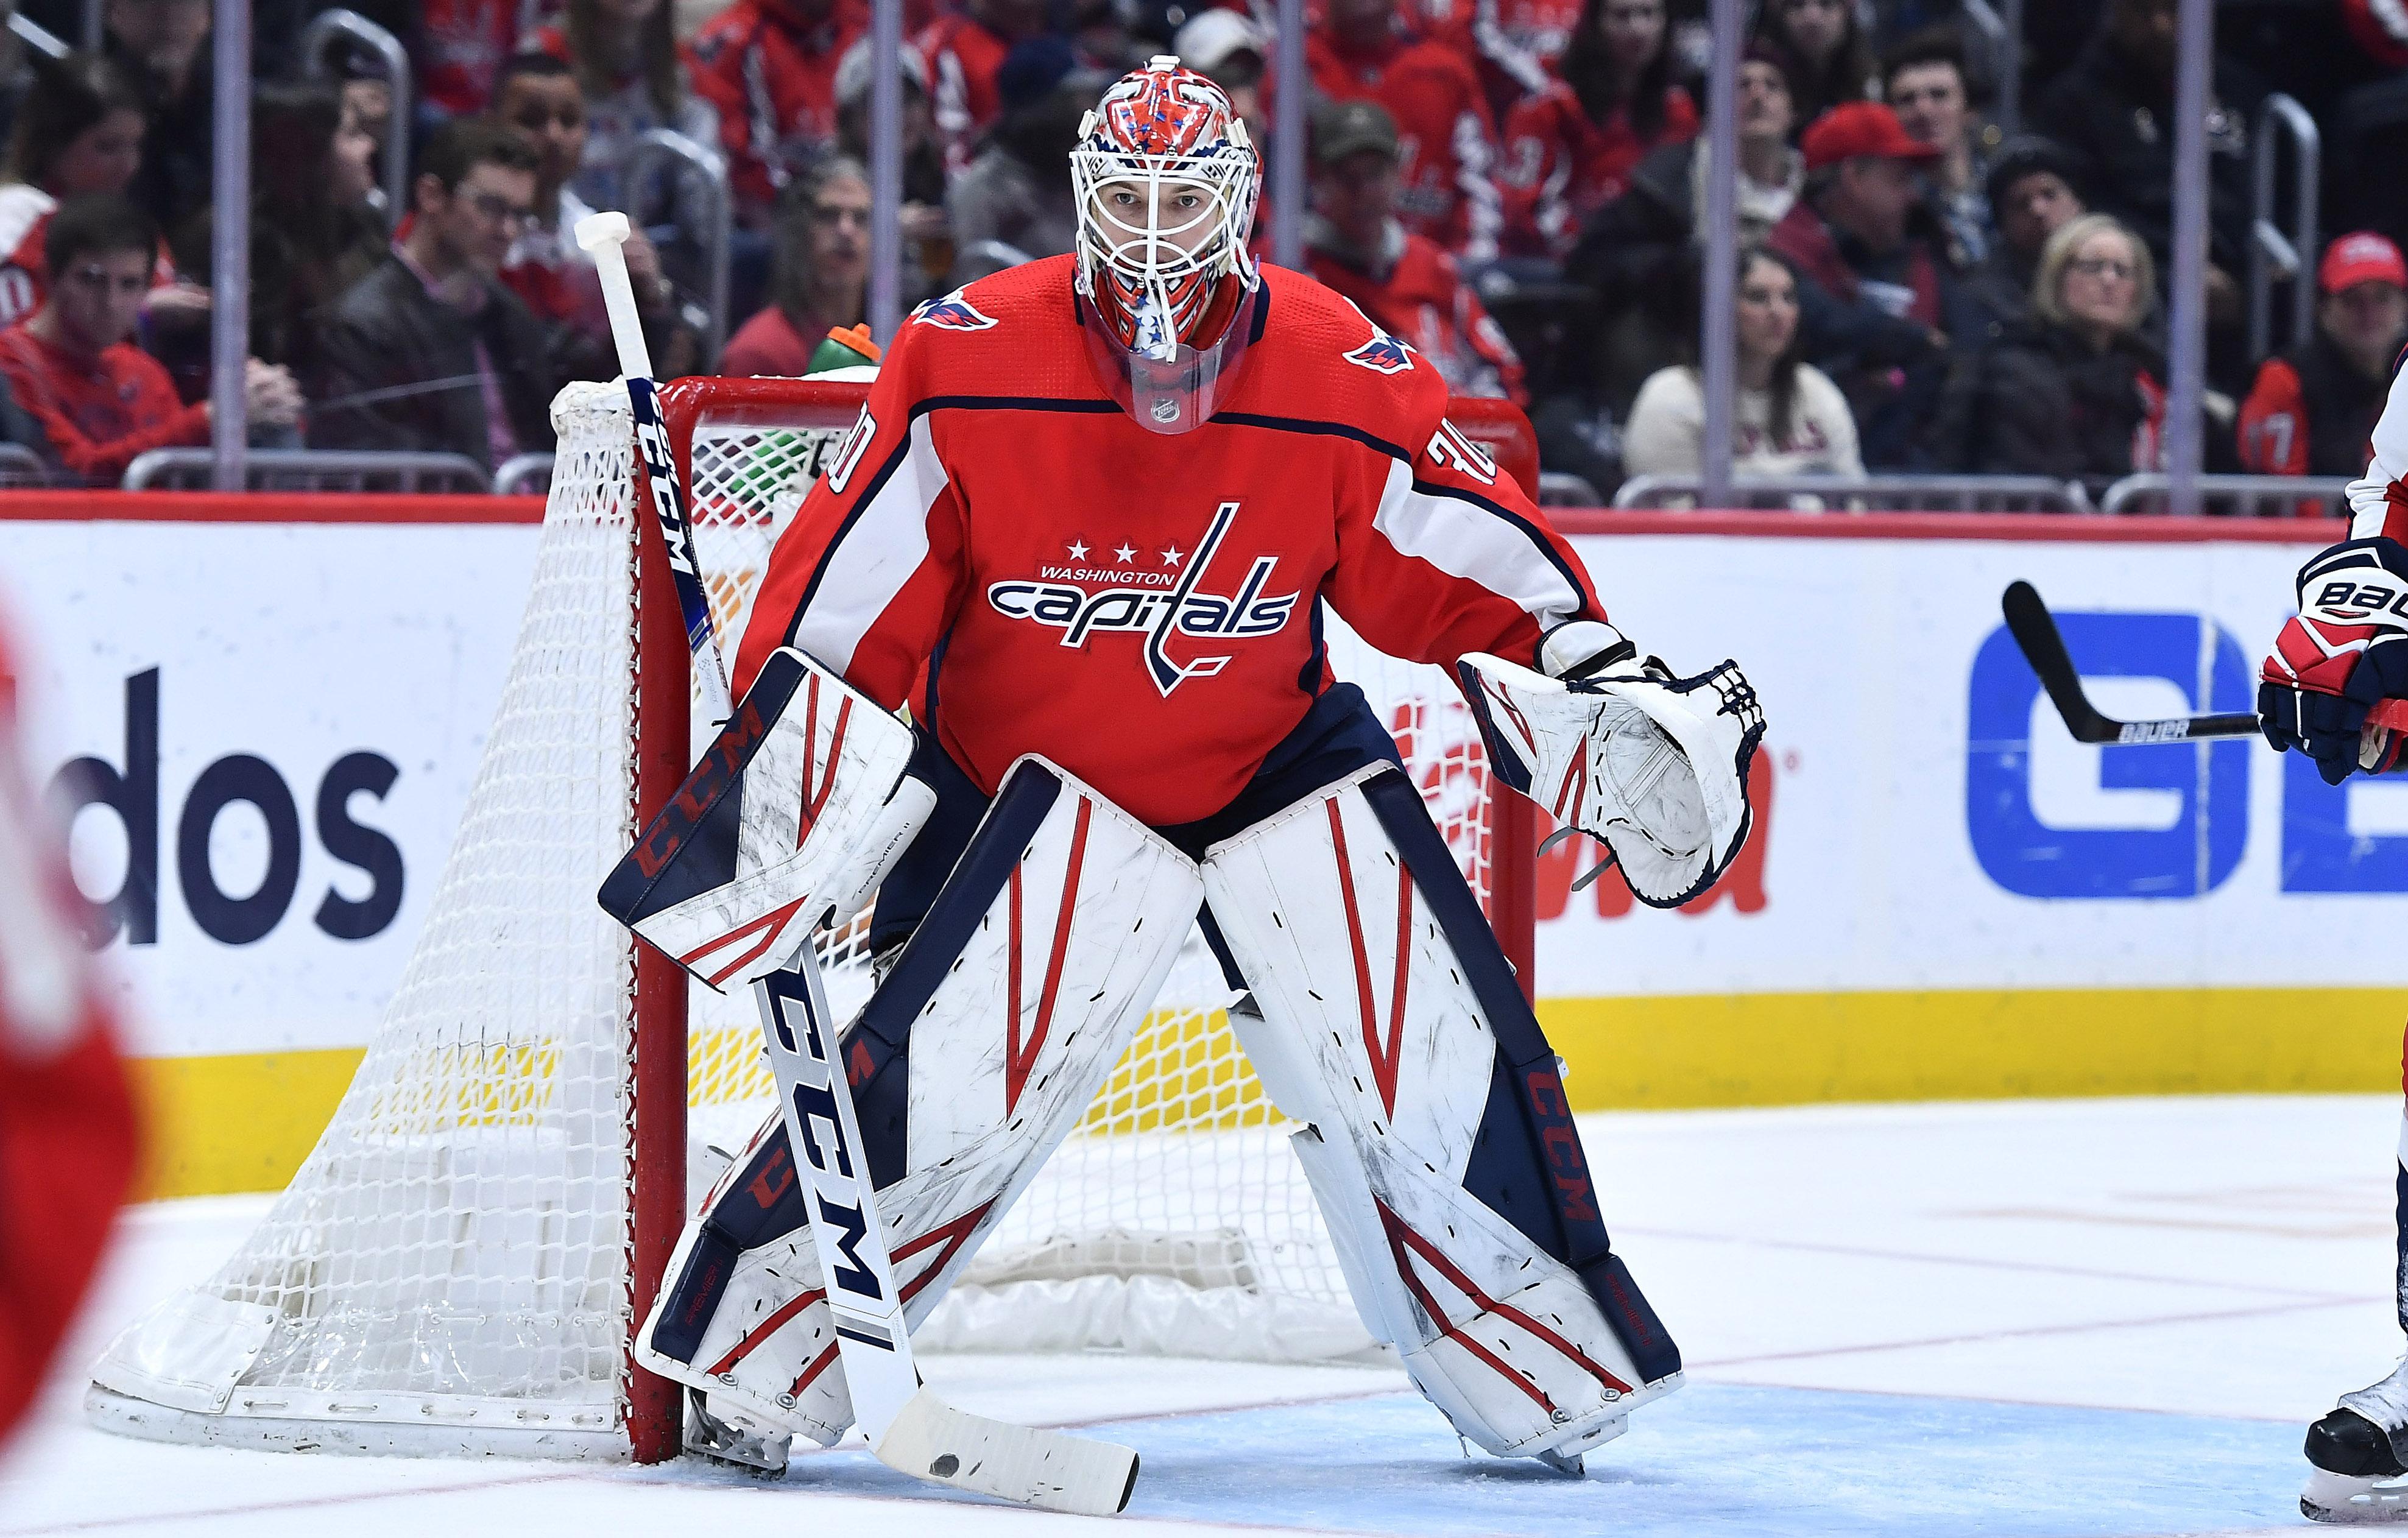 Ilya Samsonov notches first career NHL shutout